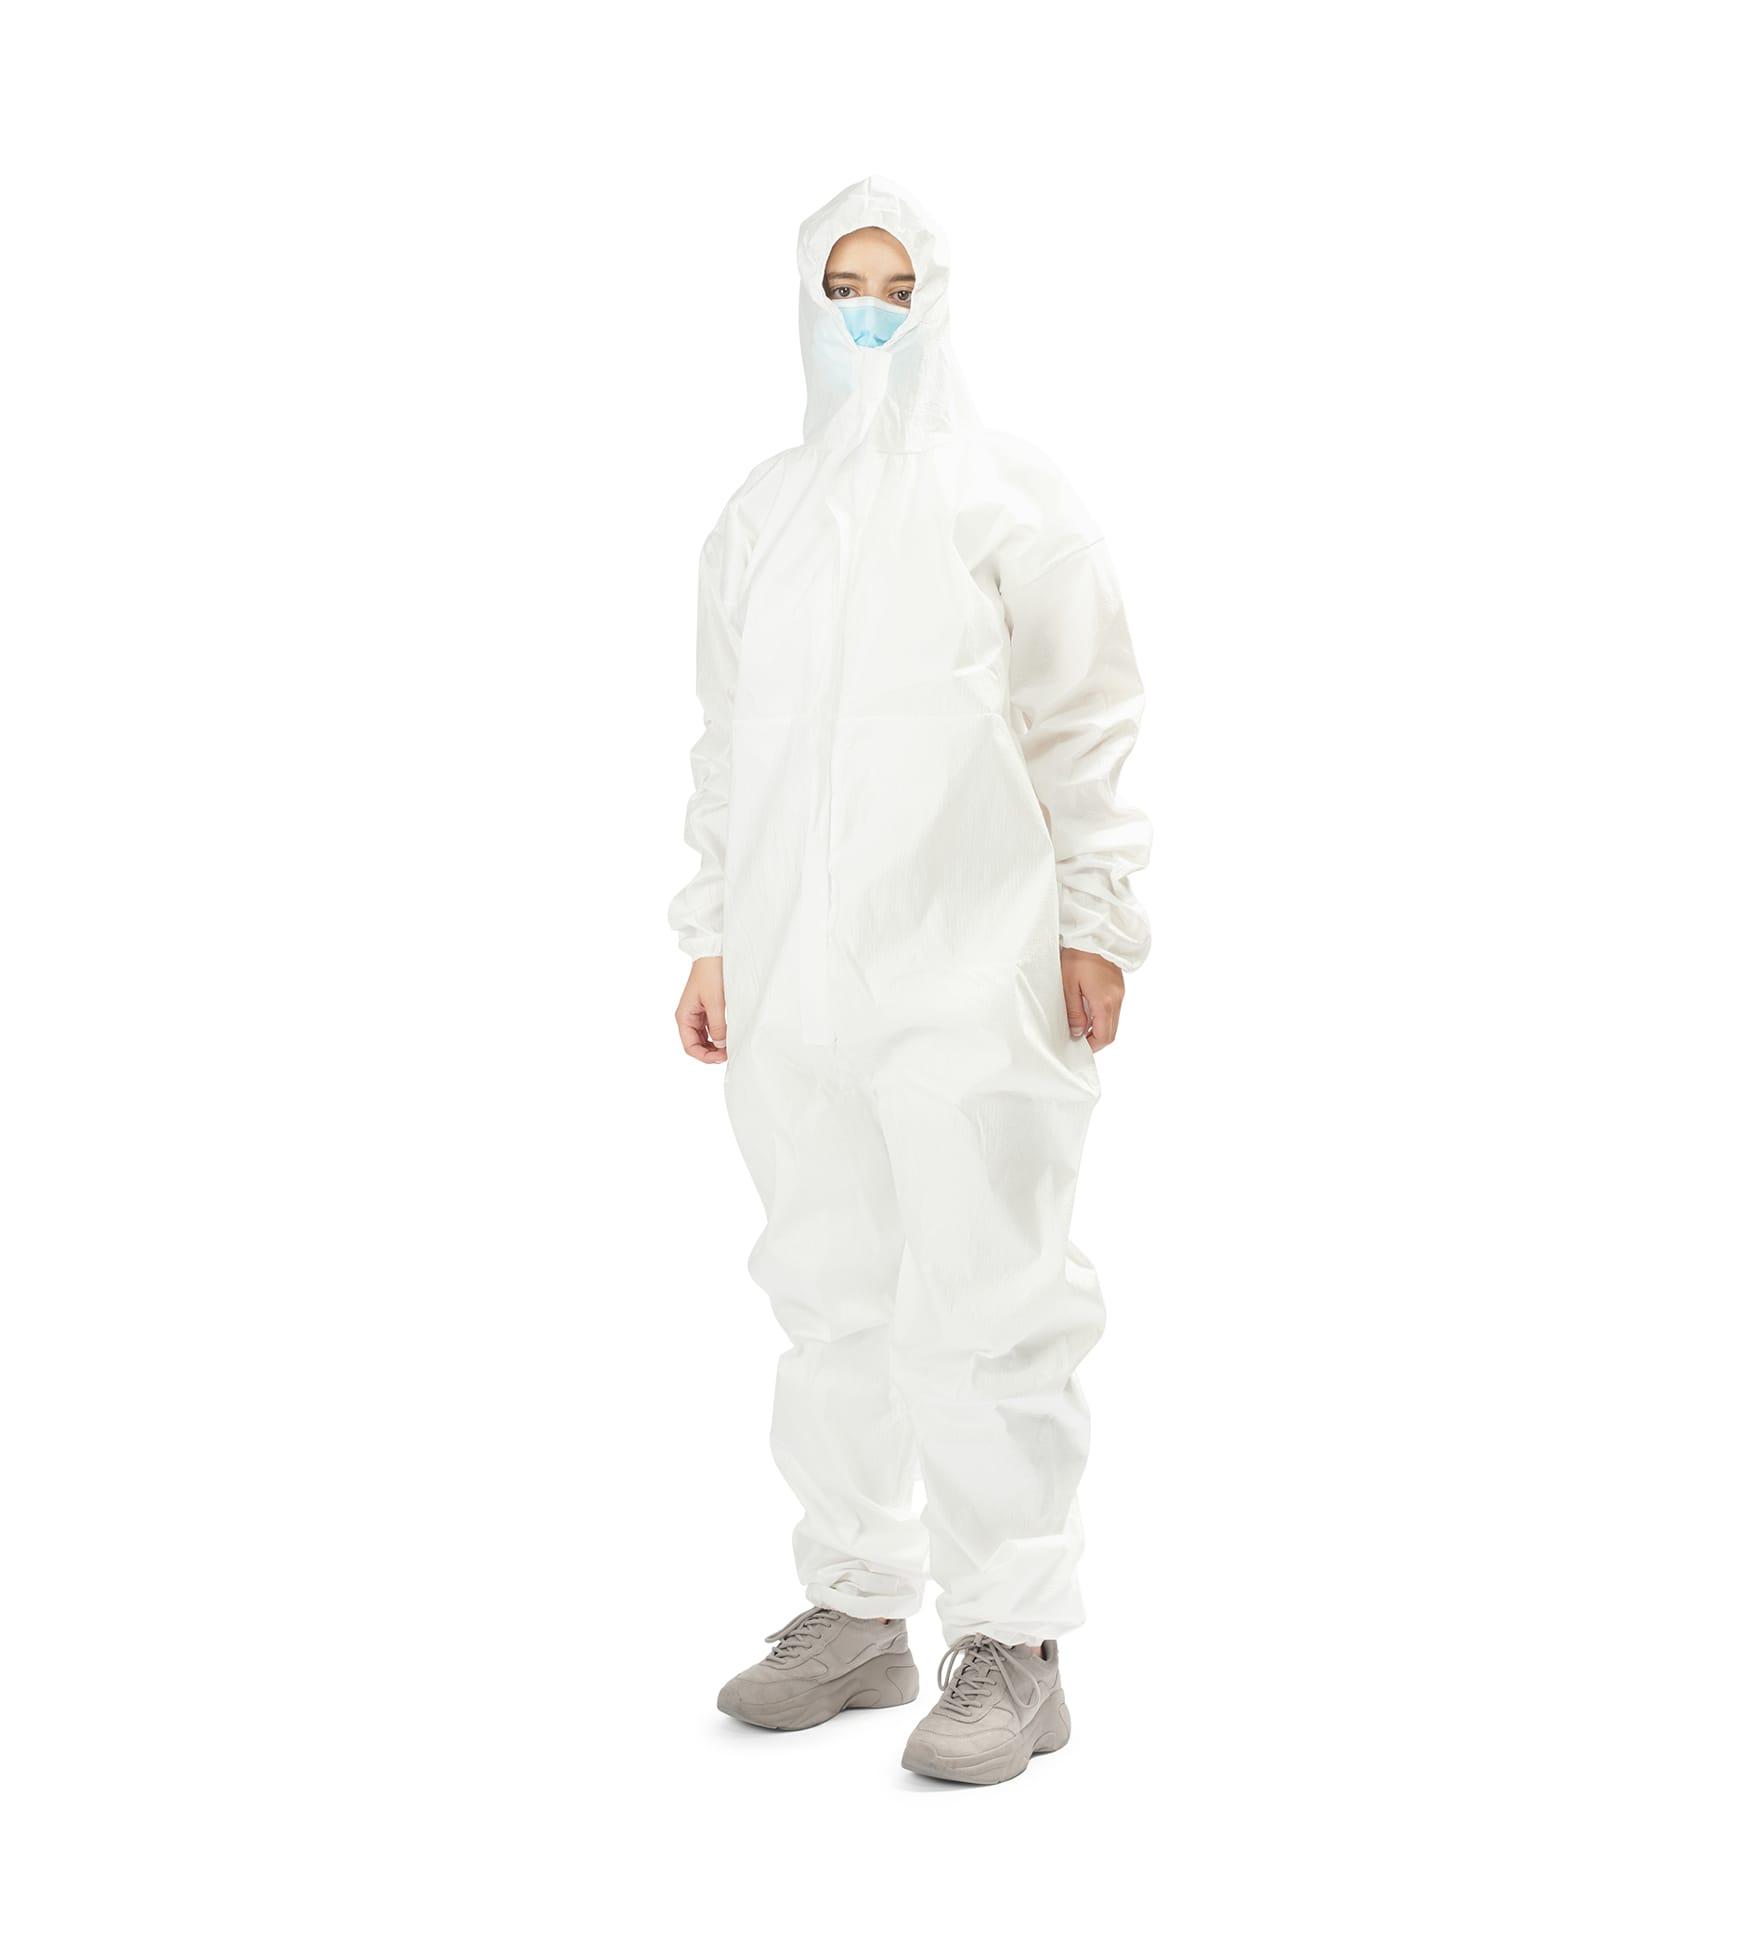 fatos de proteção impermeáveis 1 - waterproof protective coverall - clothe protect